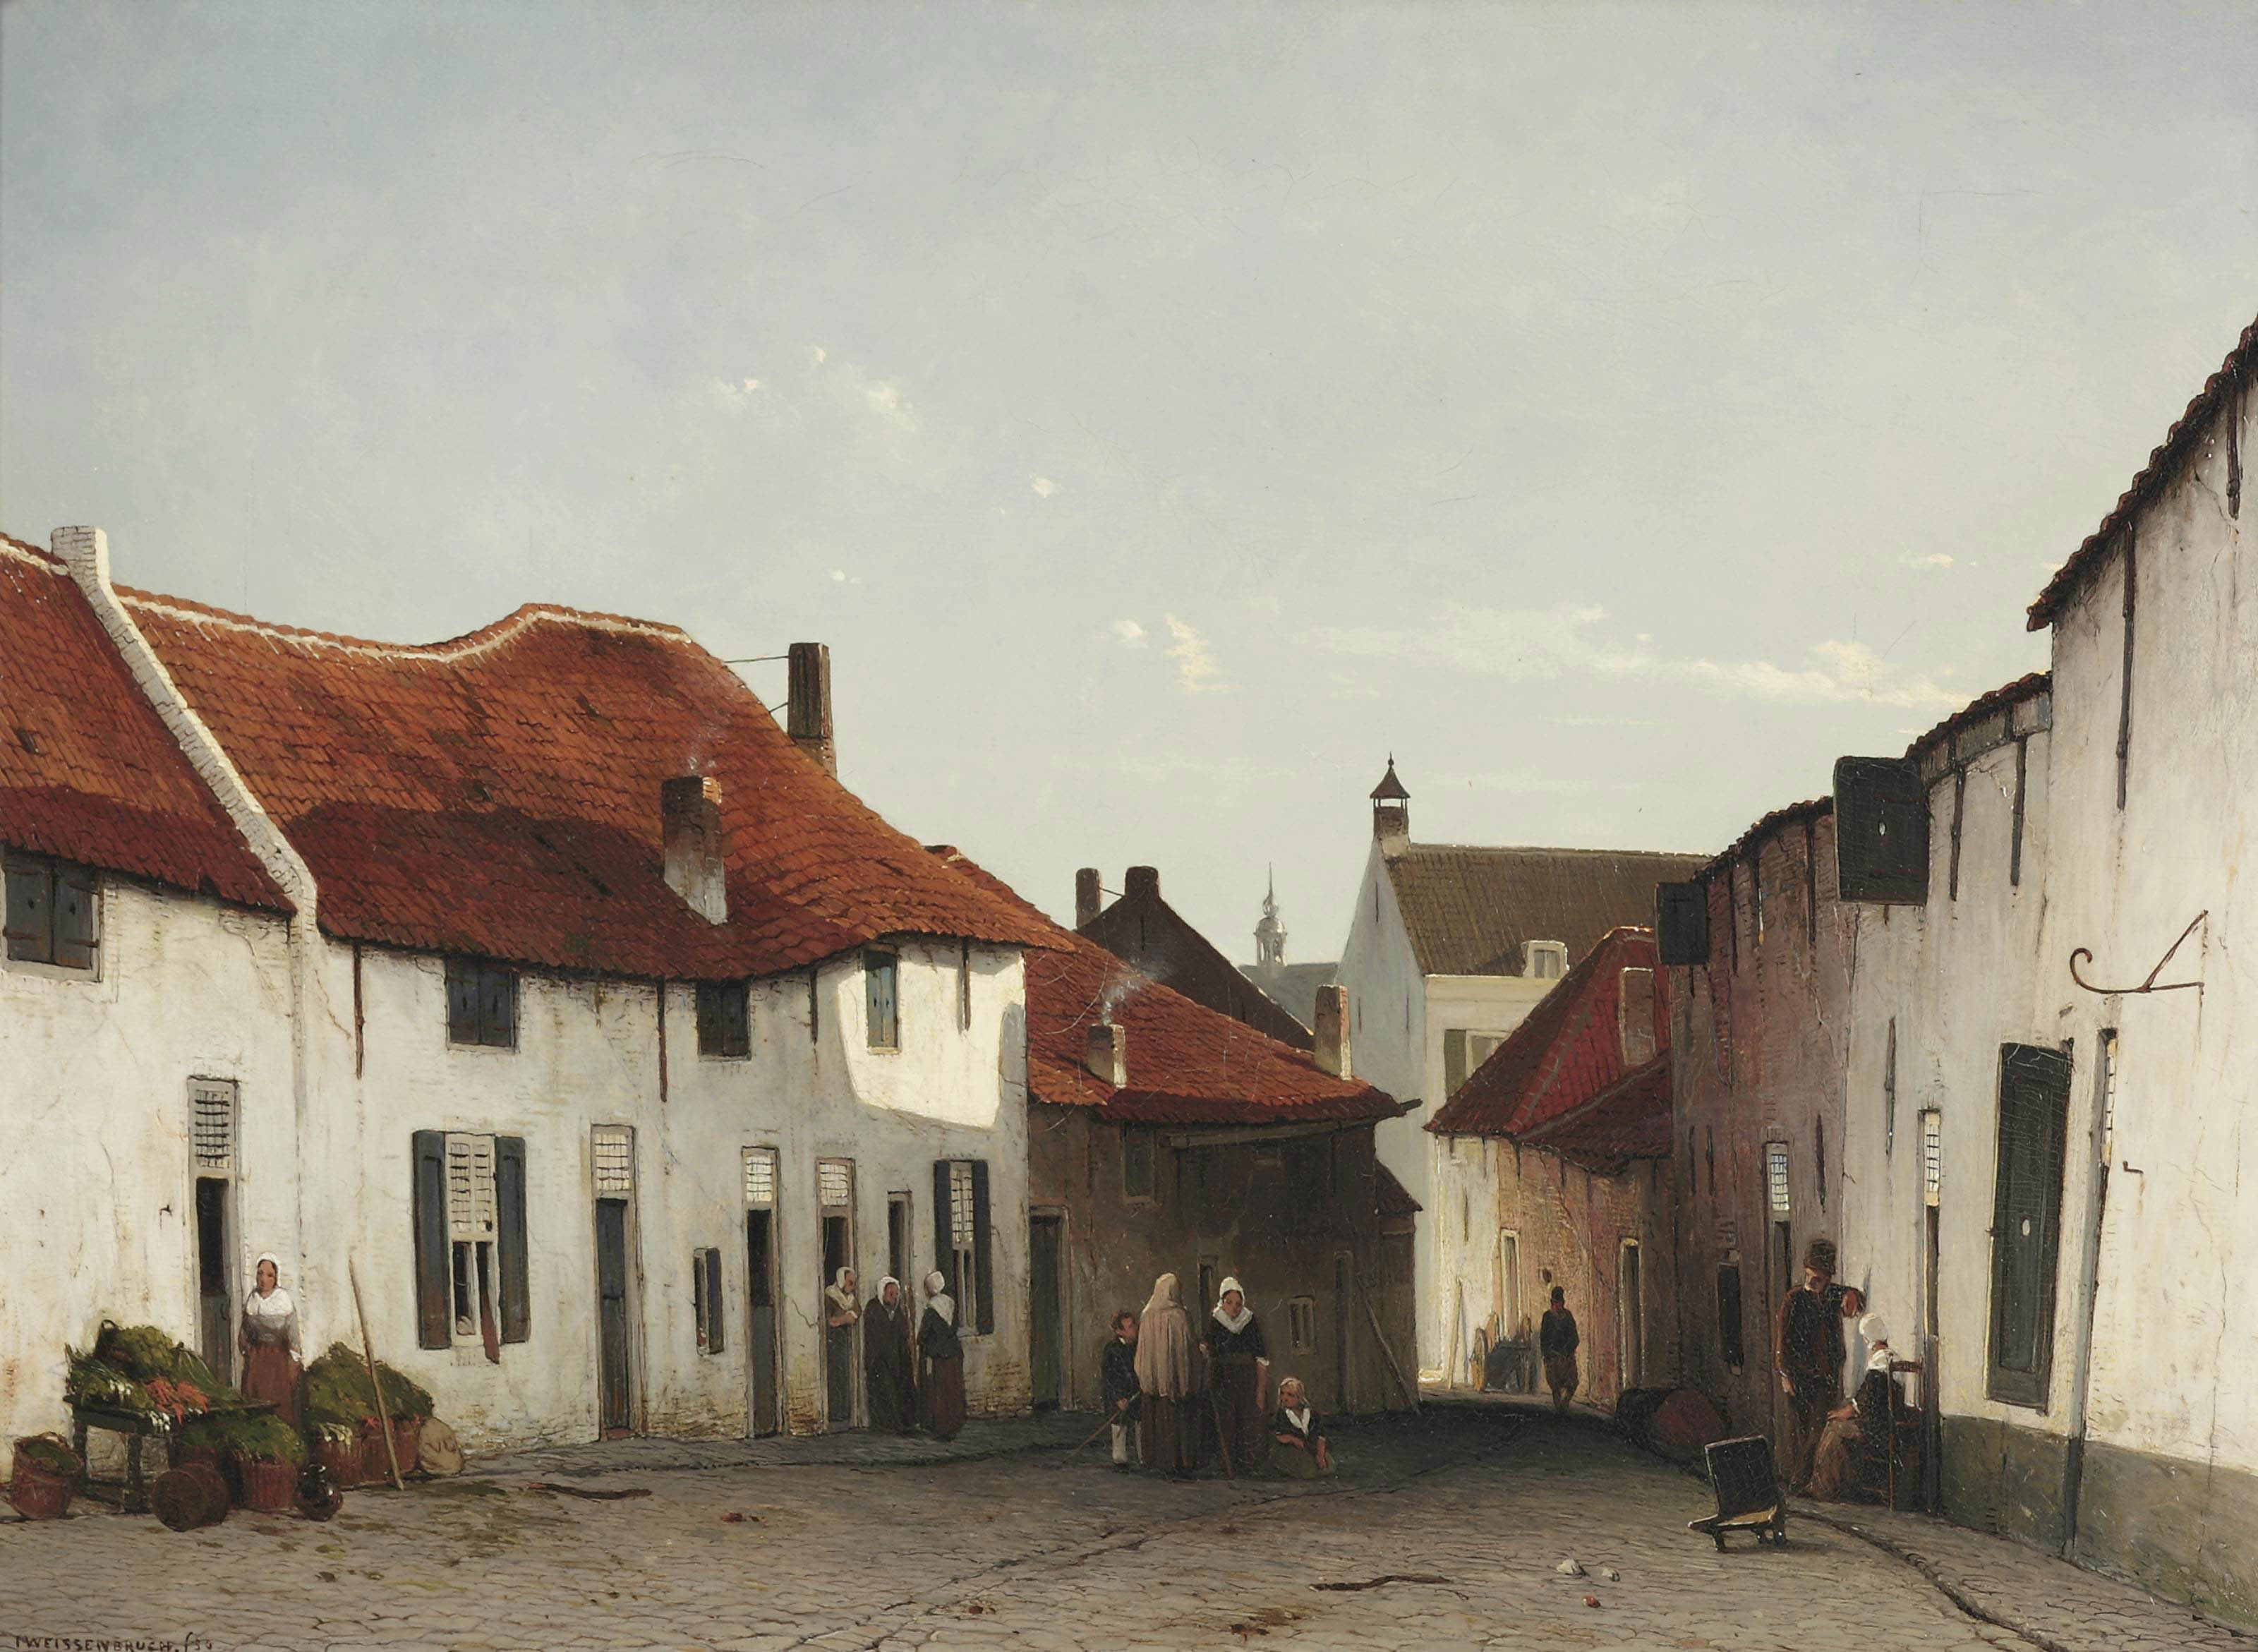 'Het straatje': daily activities in a village street